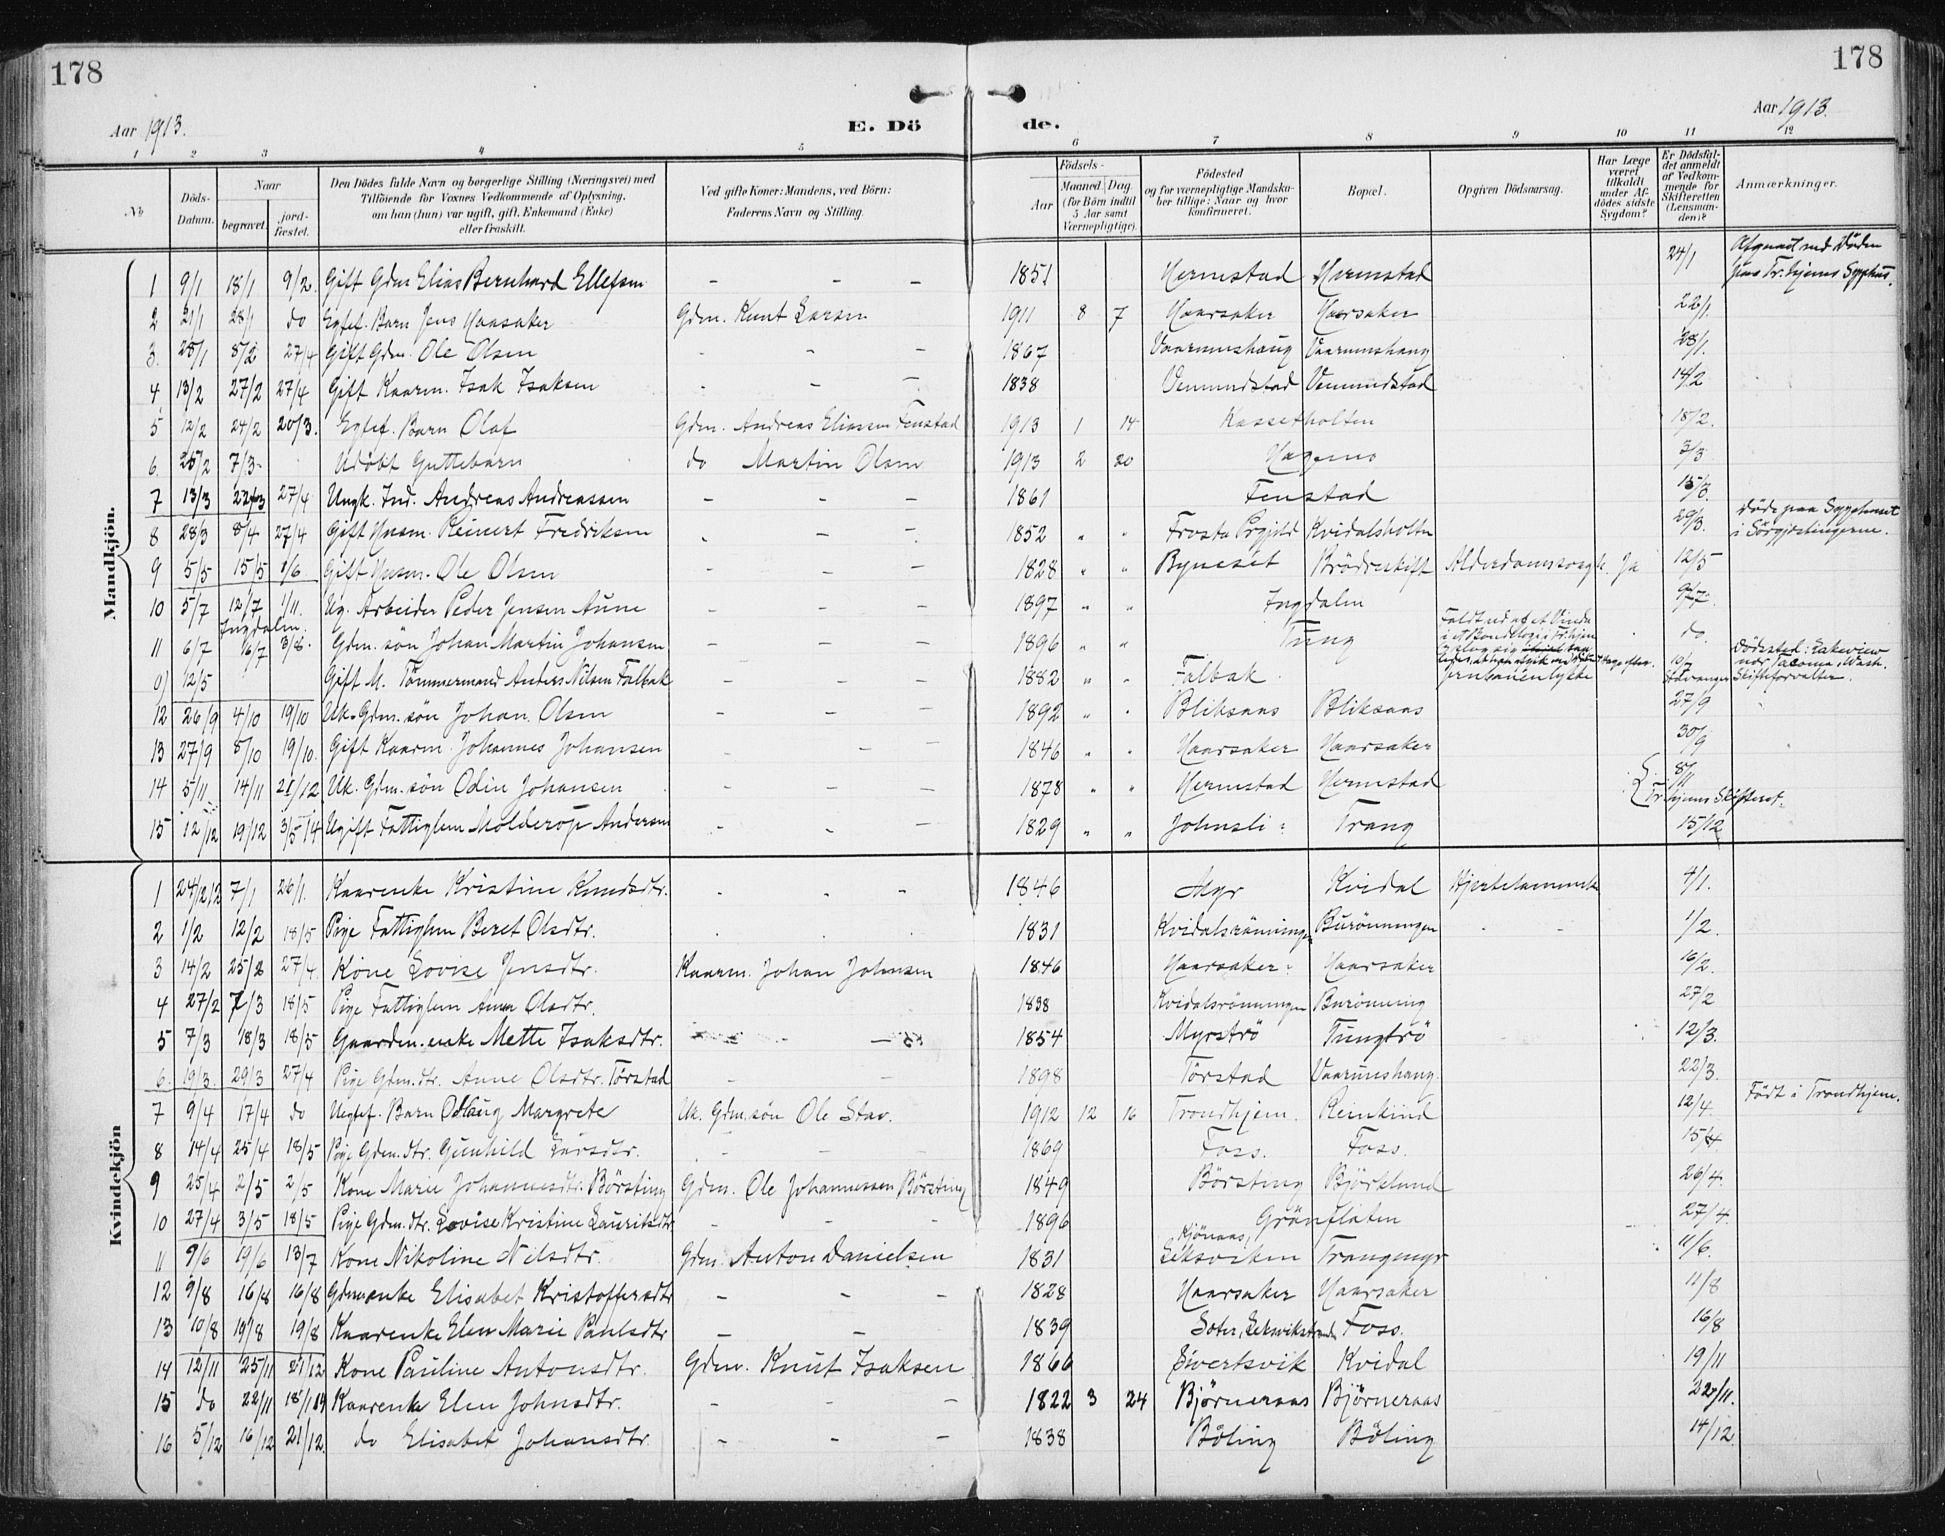 SAT, Ministerialprotokoller, klokkerbøker og fødselsregistre - Sør-Trøndelag, 646/L0616: Ministerialbok nr. 646A14, 1900-1918, s. 178